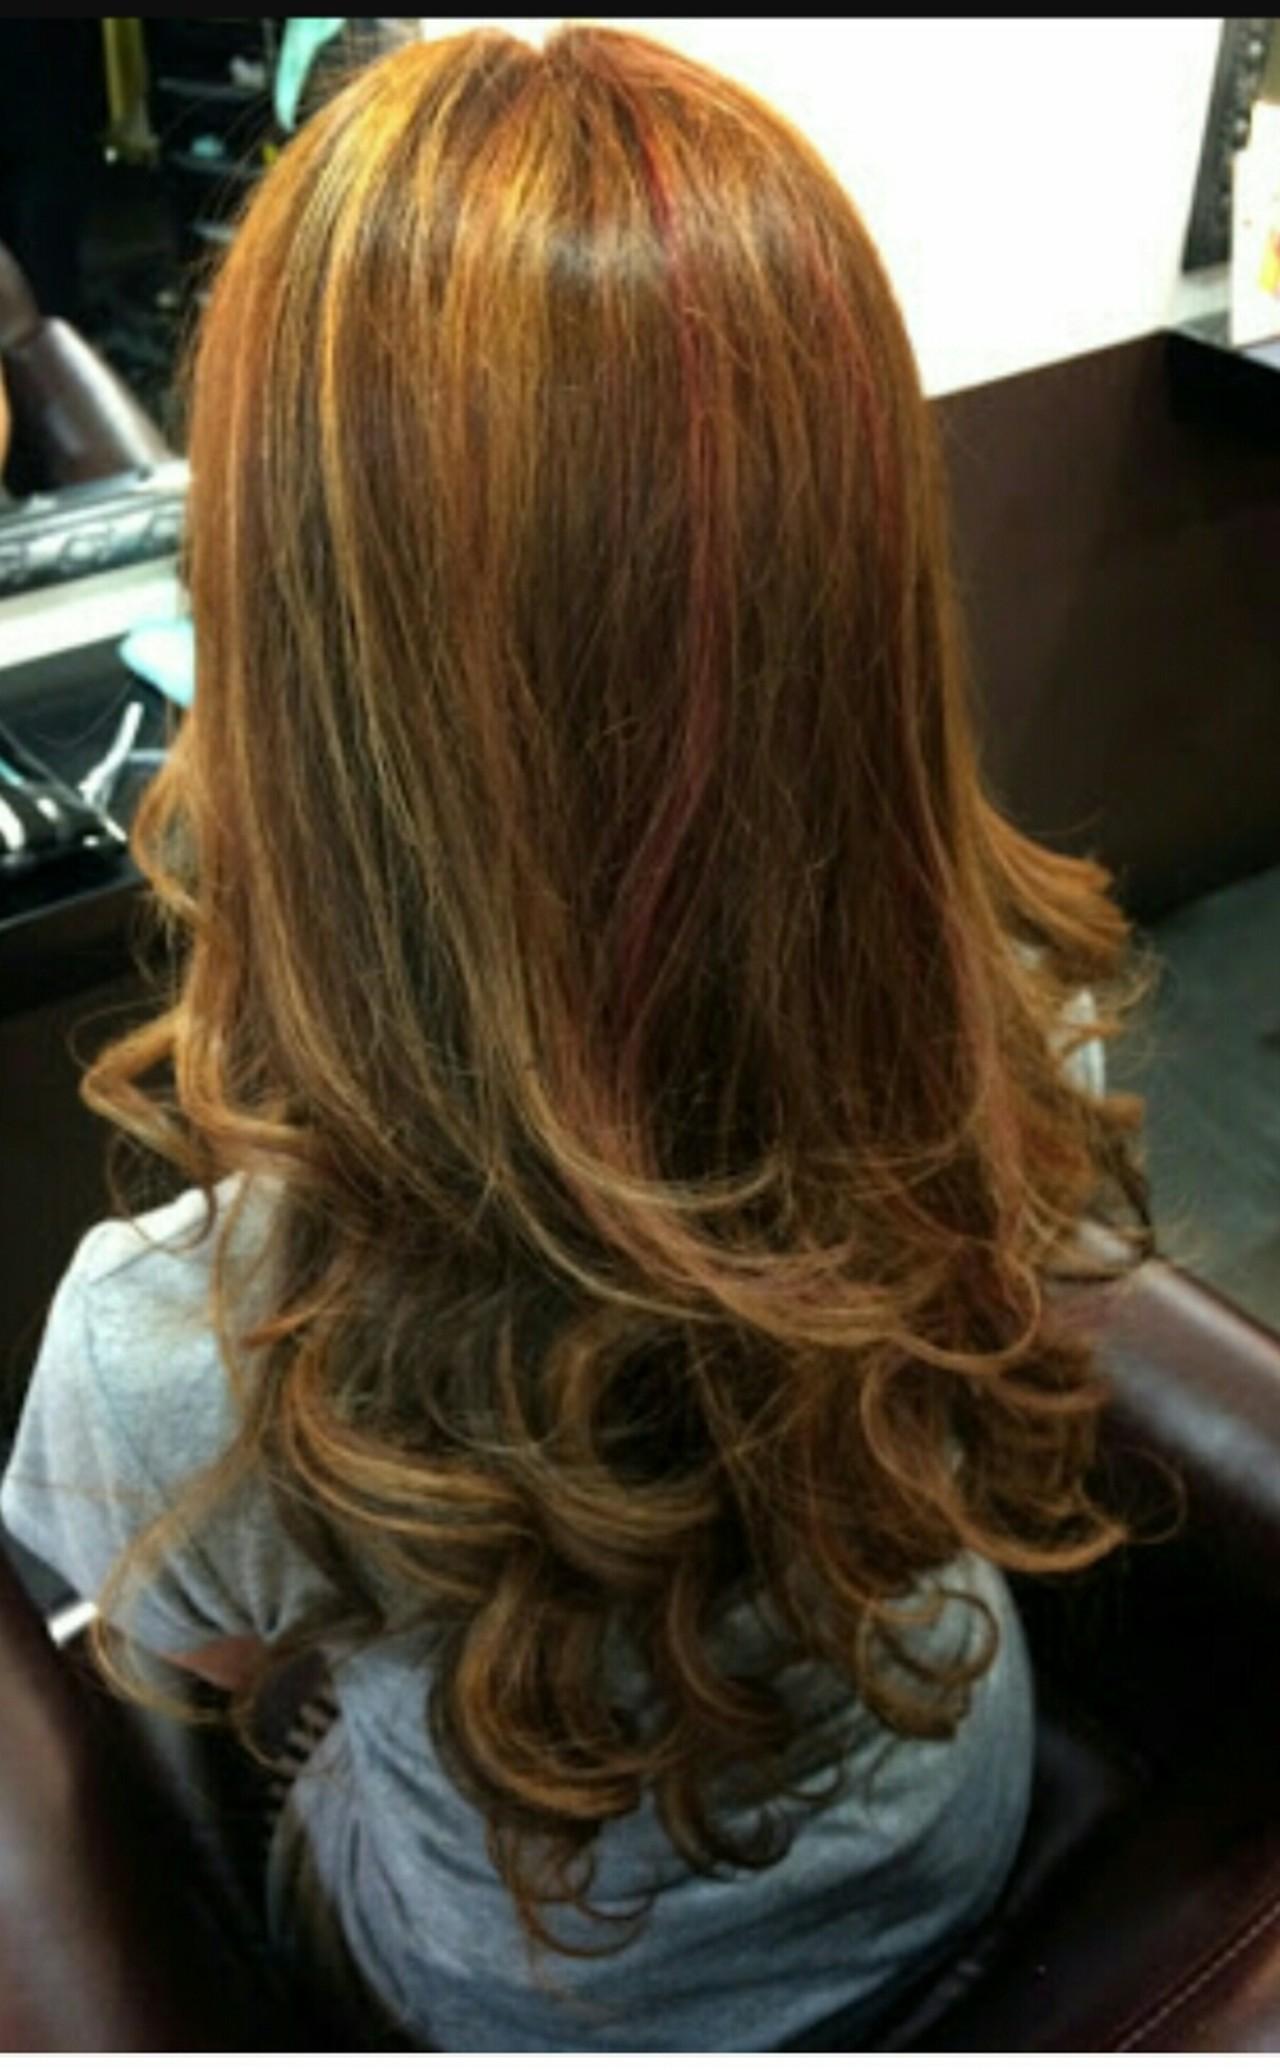 縮毛矯正+ハイライト&ローライト♪  縮毛矯正をかけながらふんわり可愛く仕上げちゃいます♪  ハイライトにはピンクも♡  スプリングカラー♪